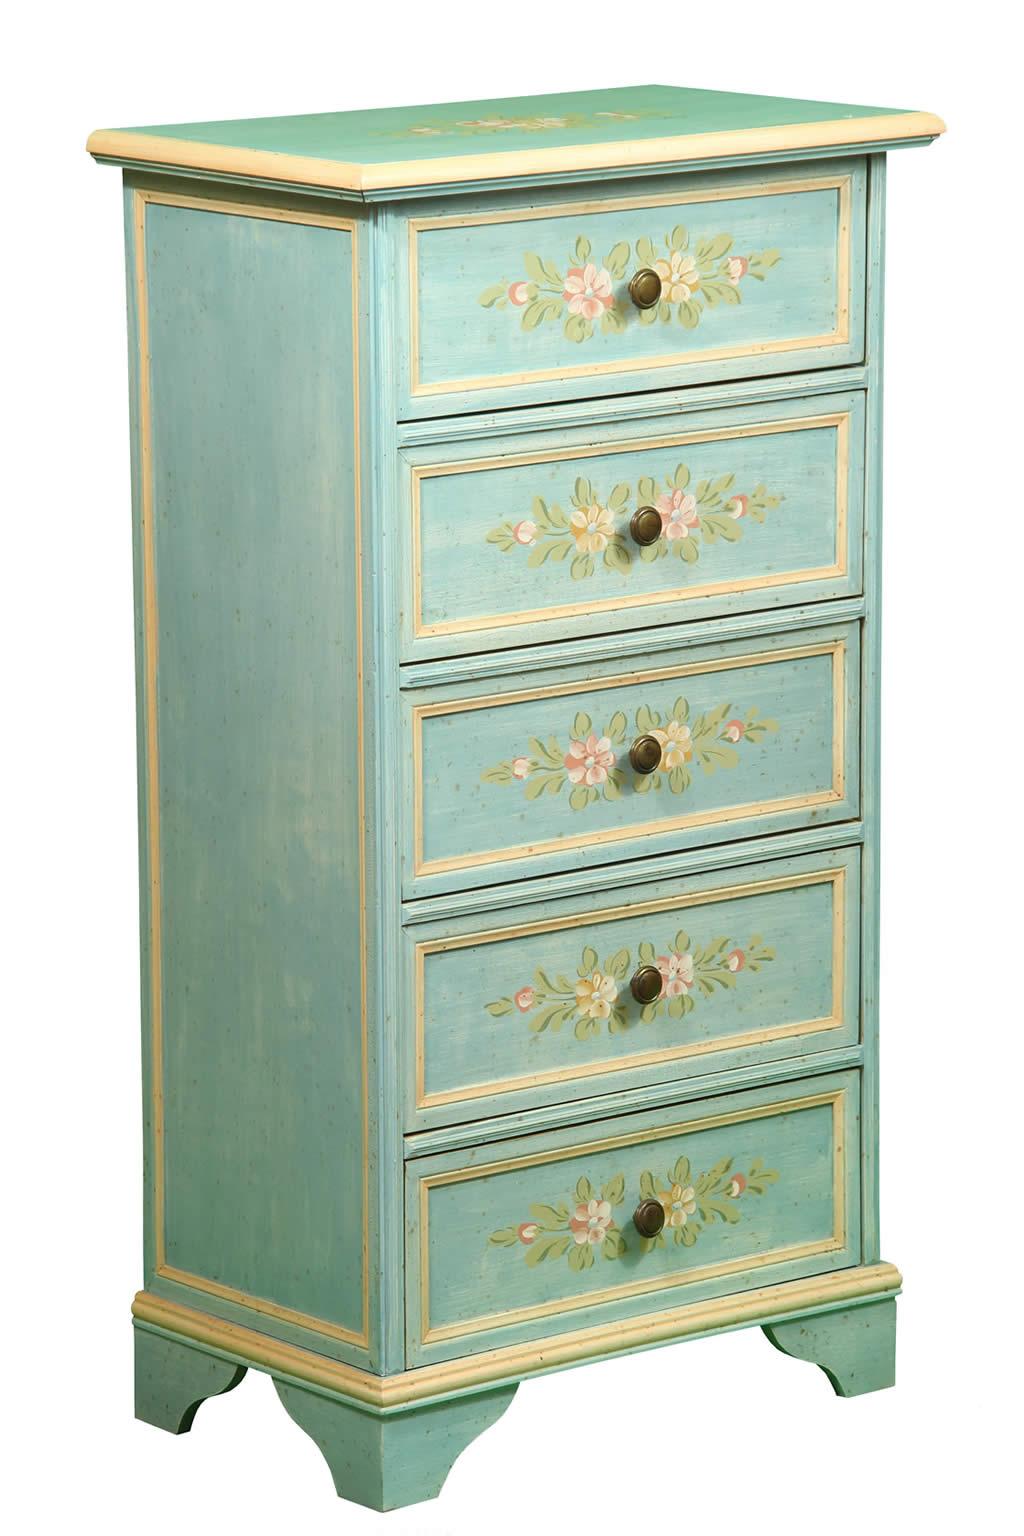 Cassettiera in legno decorato isabelle decorosa for Cassettiera legno